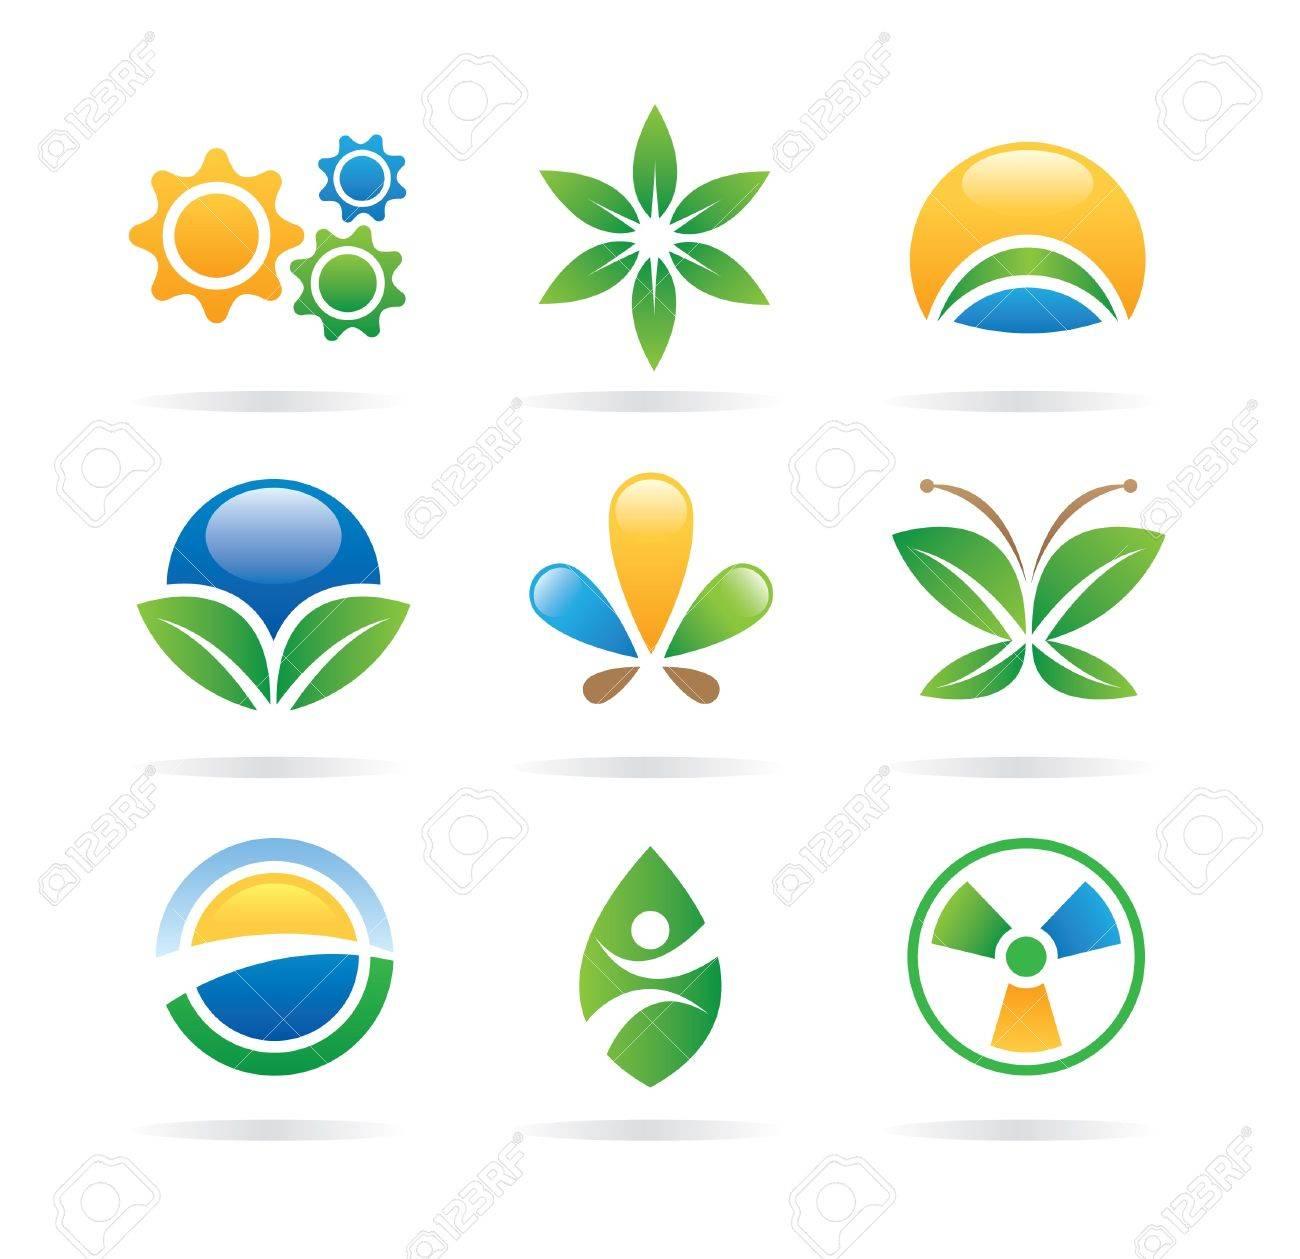 eco icons - logos Stock Vector - 11545768